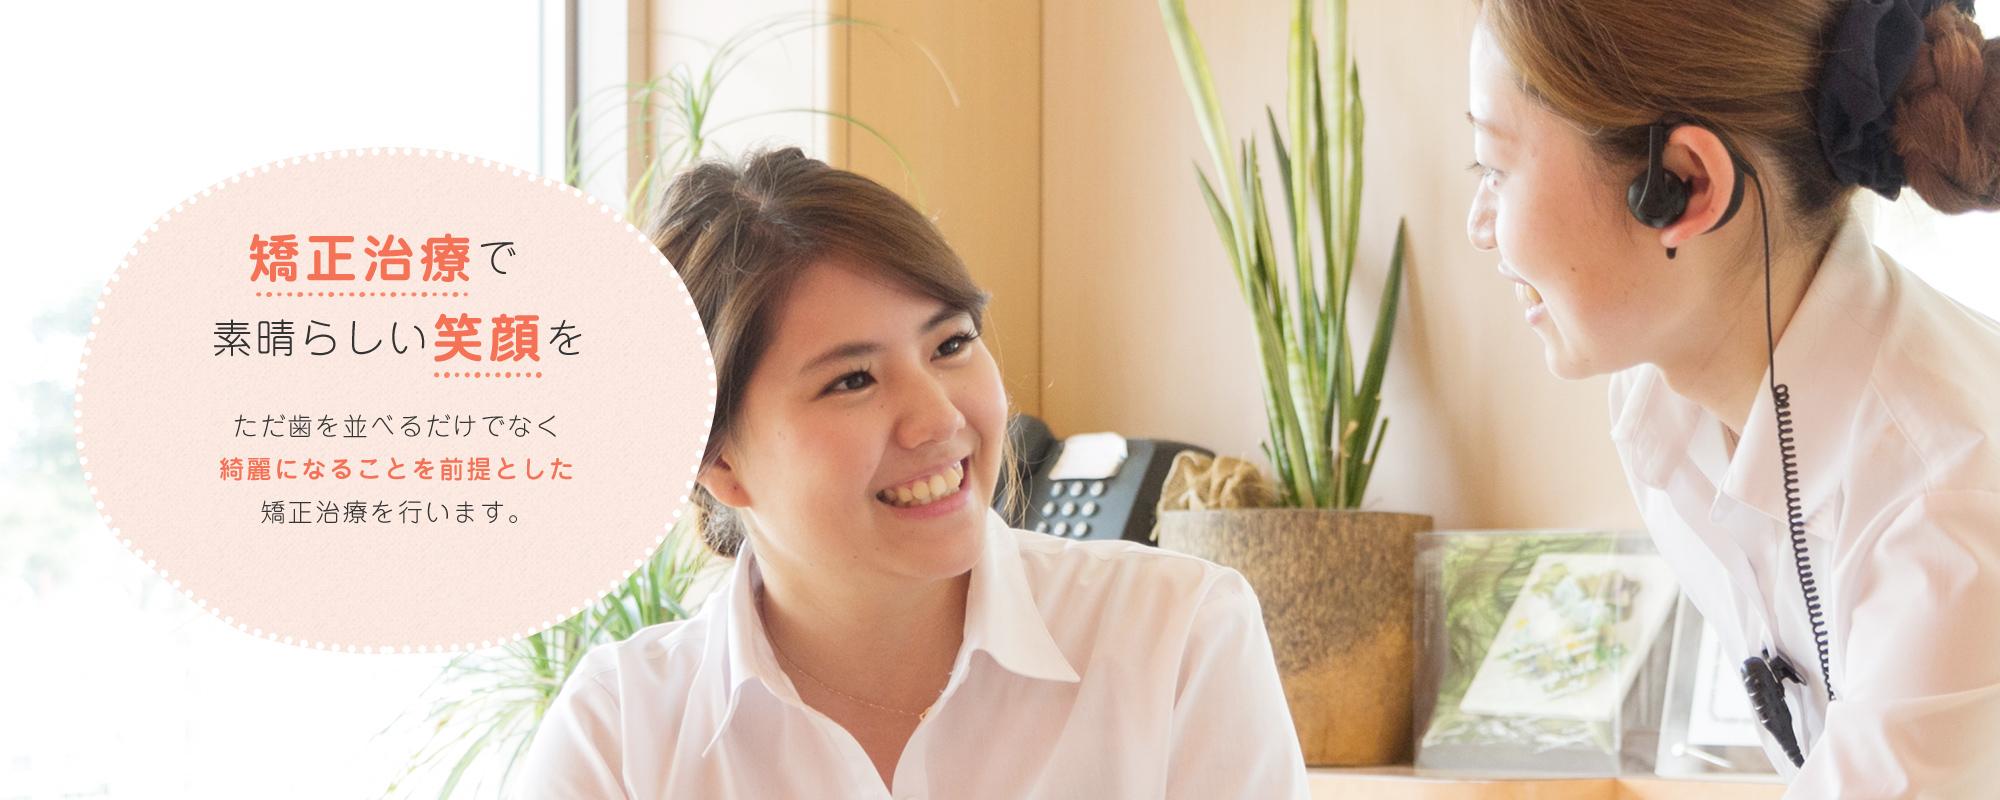 矯正治療で素晴らしい笑顔を ただ歯を並べるだけでなく綺麗になることを前提とした矯正治療を行います